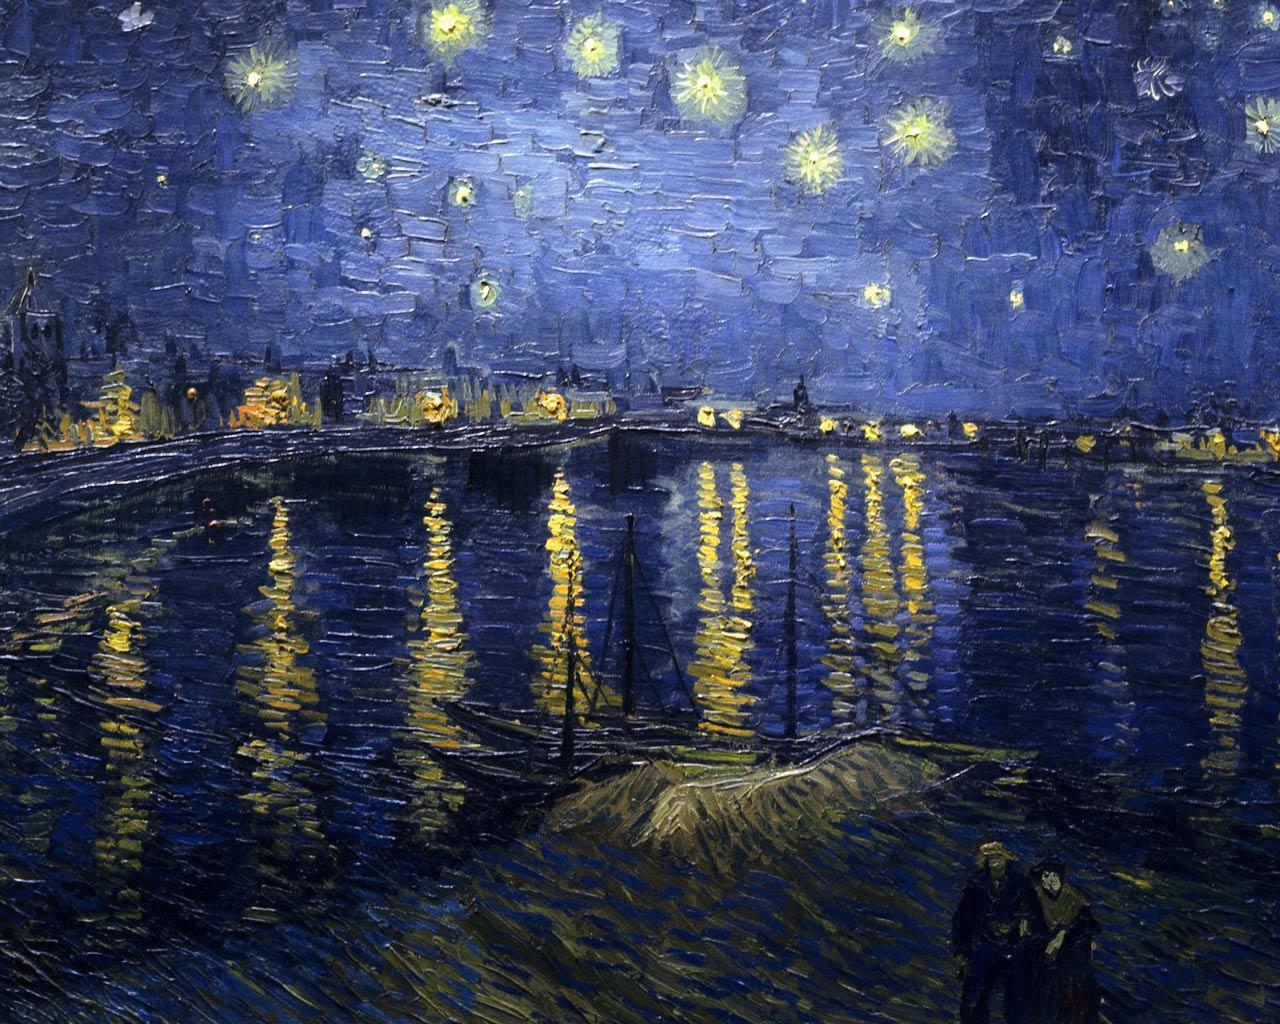 Винсент Ван Гог - Звездная ночь над Роной. Обои для ... Звездная Ночь над Роной Ван Гог